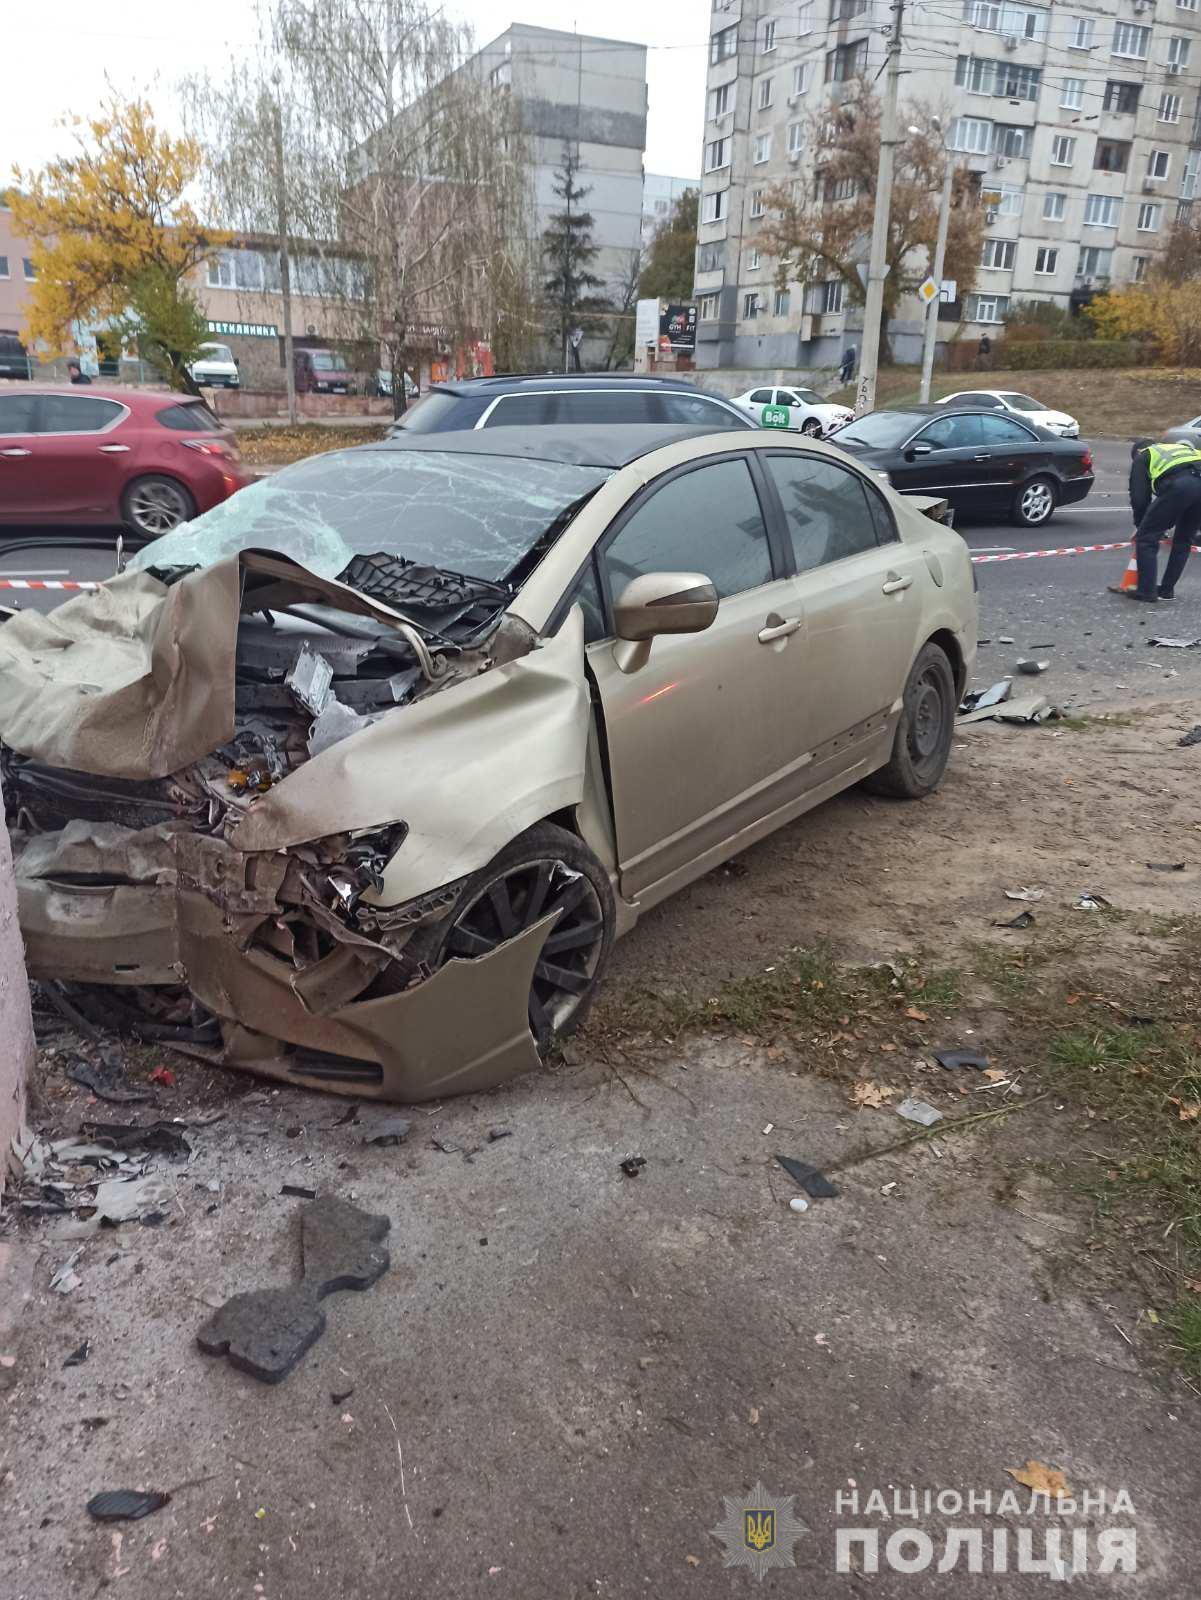 Водитель и четверо пассажиров Honda госпитализированы